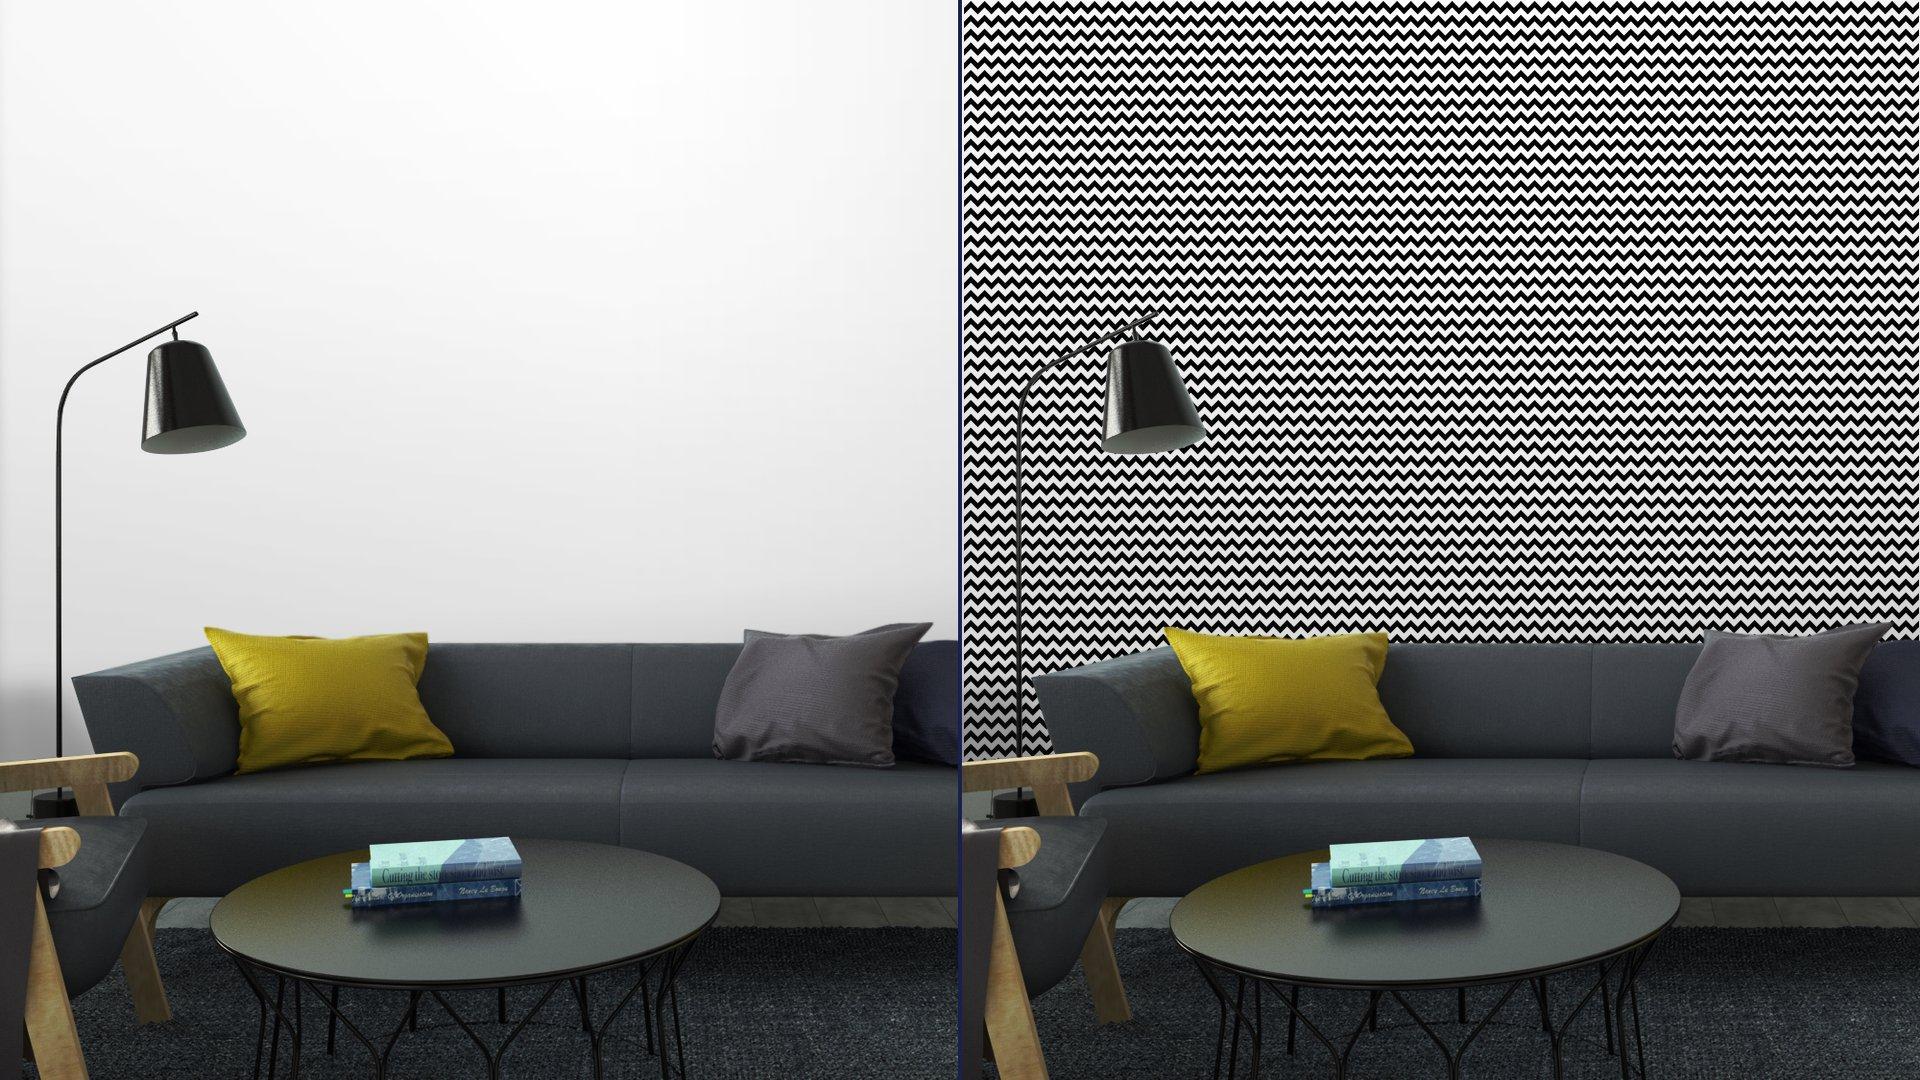 Fotomurales mexico papeles pintados resumen sin patron geometrico zigzag vector 5 - Papel Tapiz Patrón Zigzag Blanco y Negro